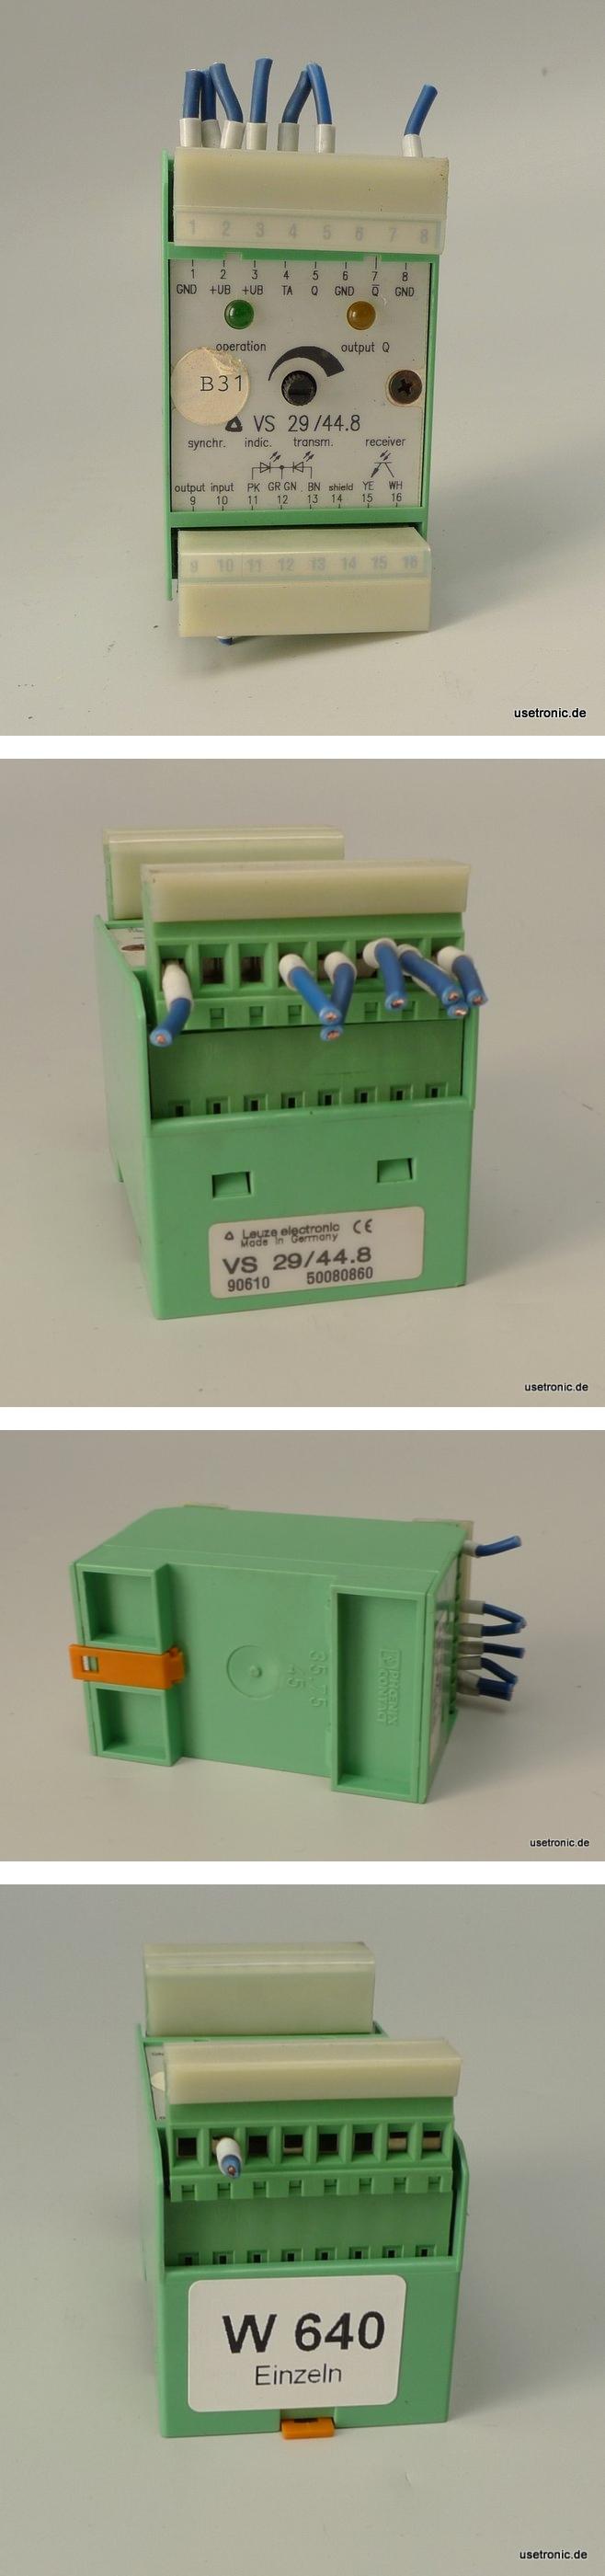 Leuze Messwertverstärker VS-29/44.8 50080860